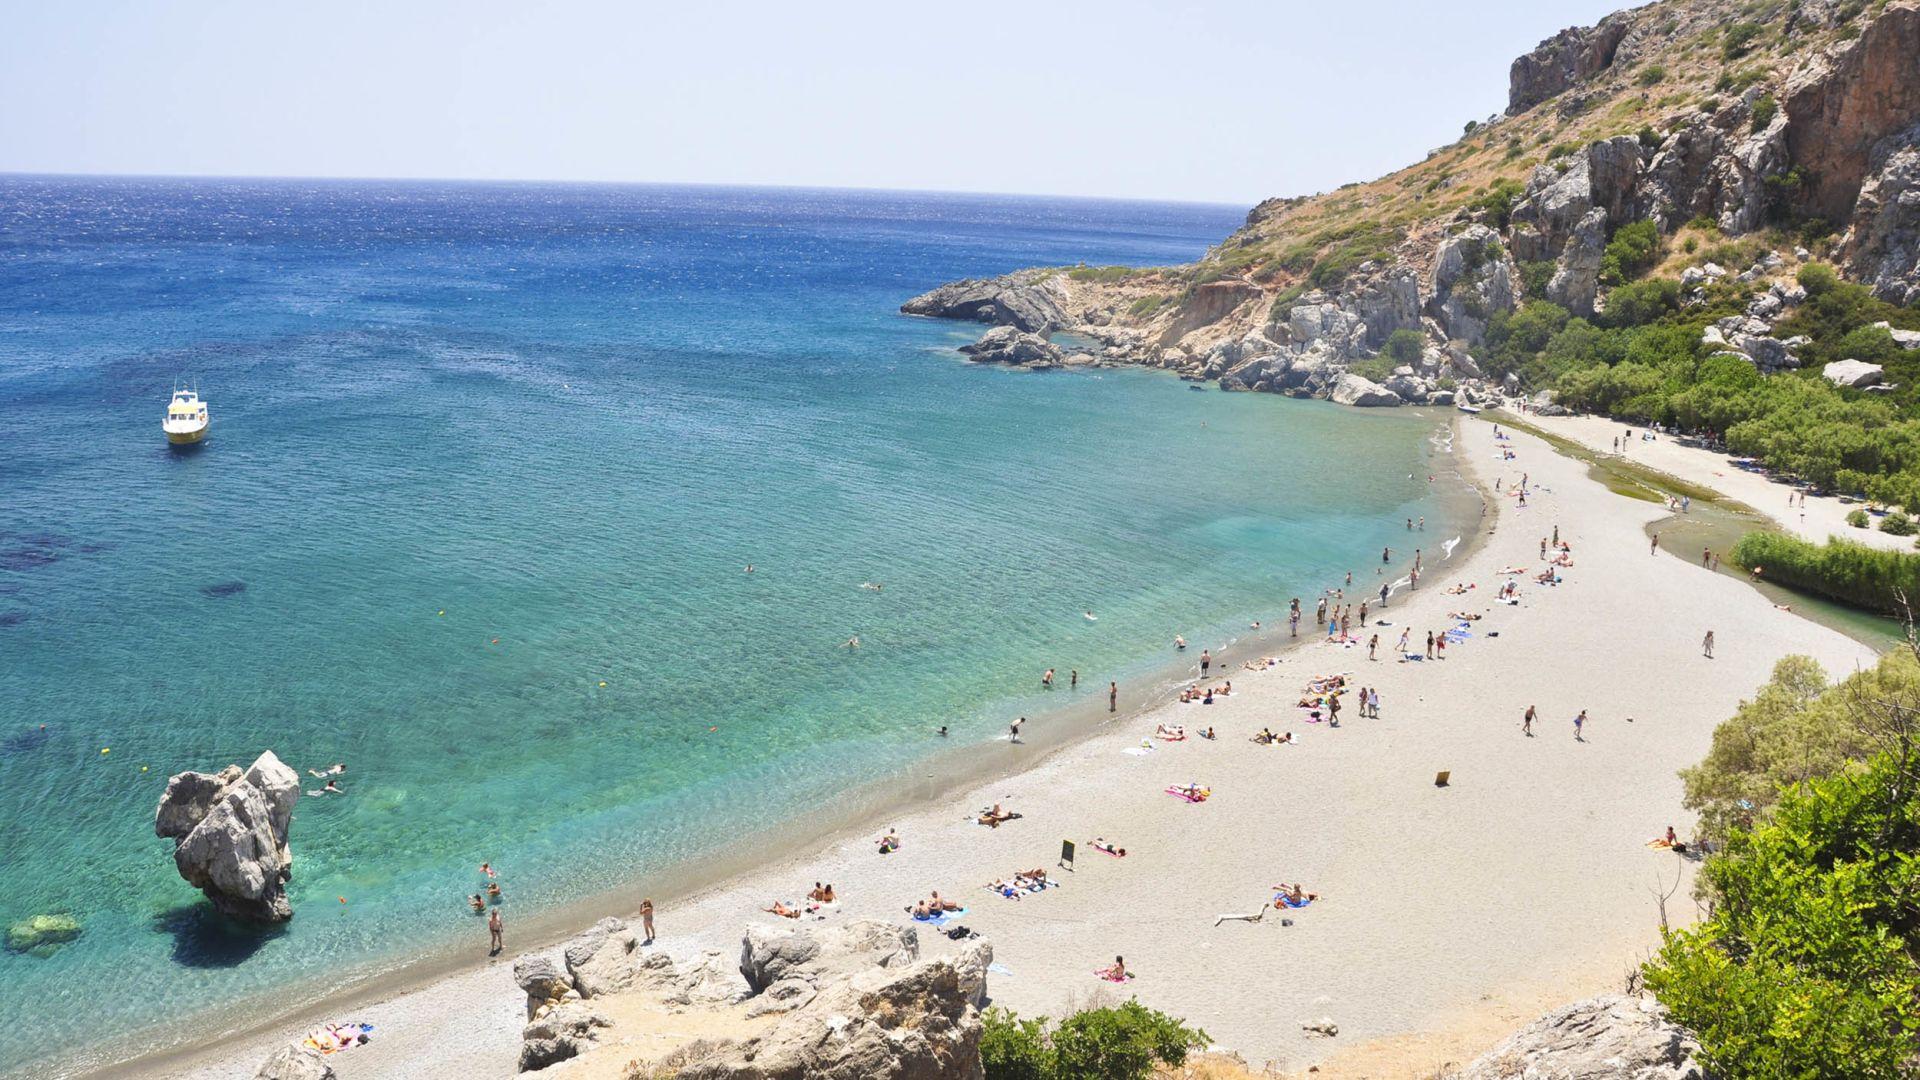 Kreta Karte Stalis.ᐅ Die 10 Schönsten Strände Auf Kreta Reisemagazin Holidaycheck